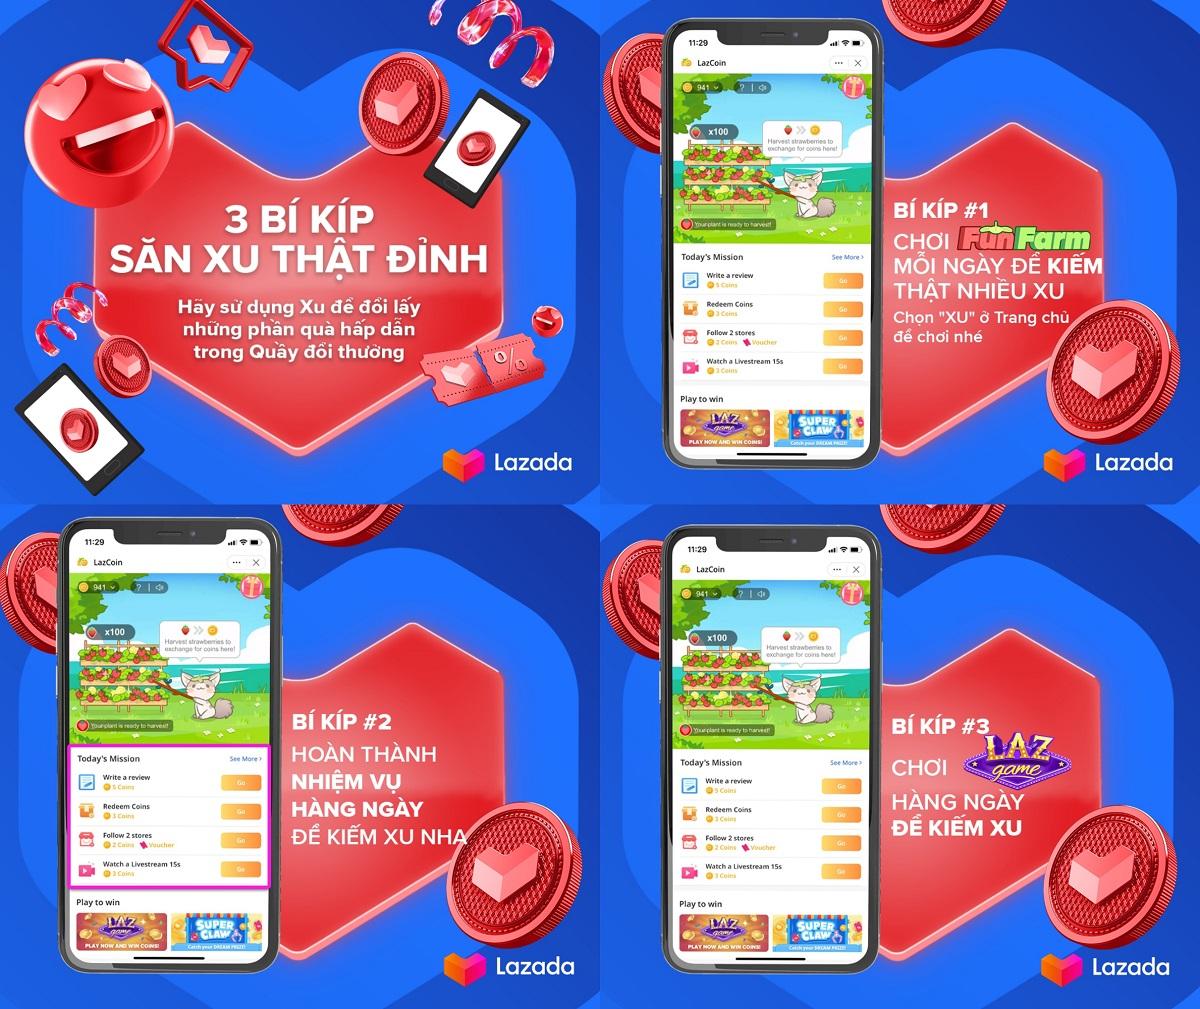 Các trò chơi nhỏ trong LazGame trên ứng dụng Lazada không chỉ mang tính giải trí mà còn là bí quyết giúp người dùng săn xu, đổi voucher và giảm giá trực tiếp trên hóa đơn khi mua hàng. Ảnh: Lazada Việt Nam.